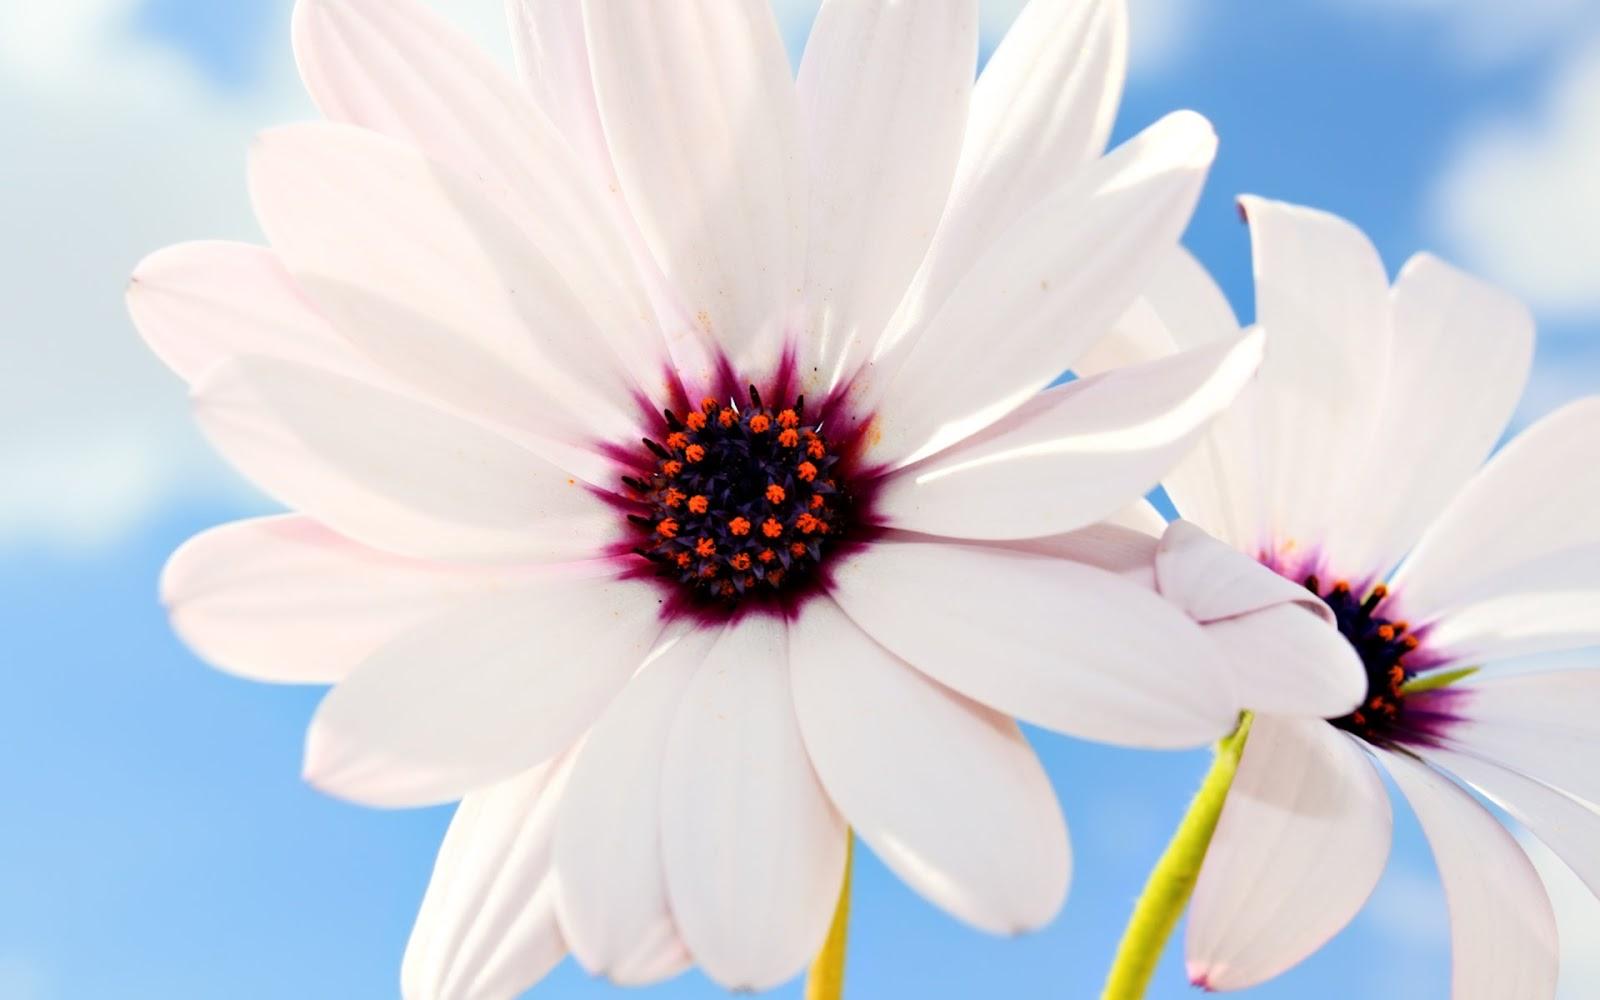 بالصور بوكيه ورد ابيض , اجمل باقات الورد الابيض 3661 1